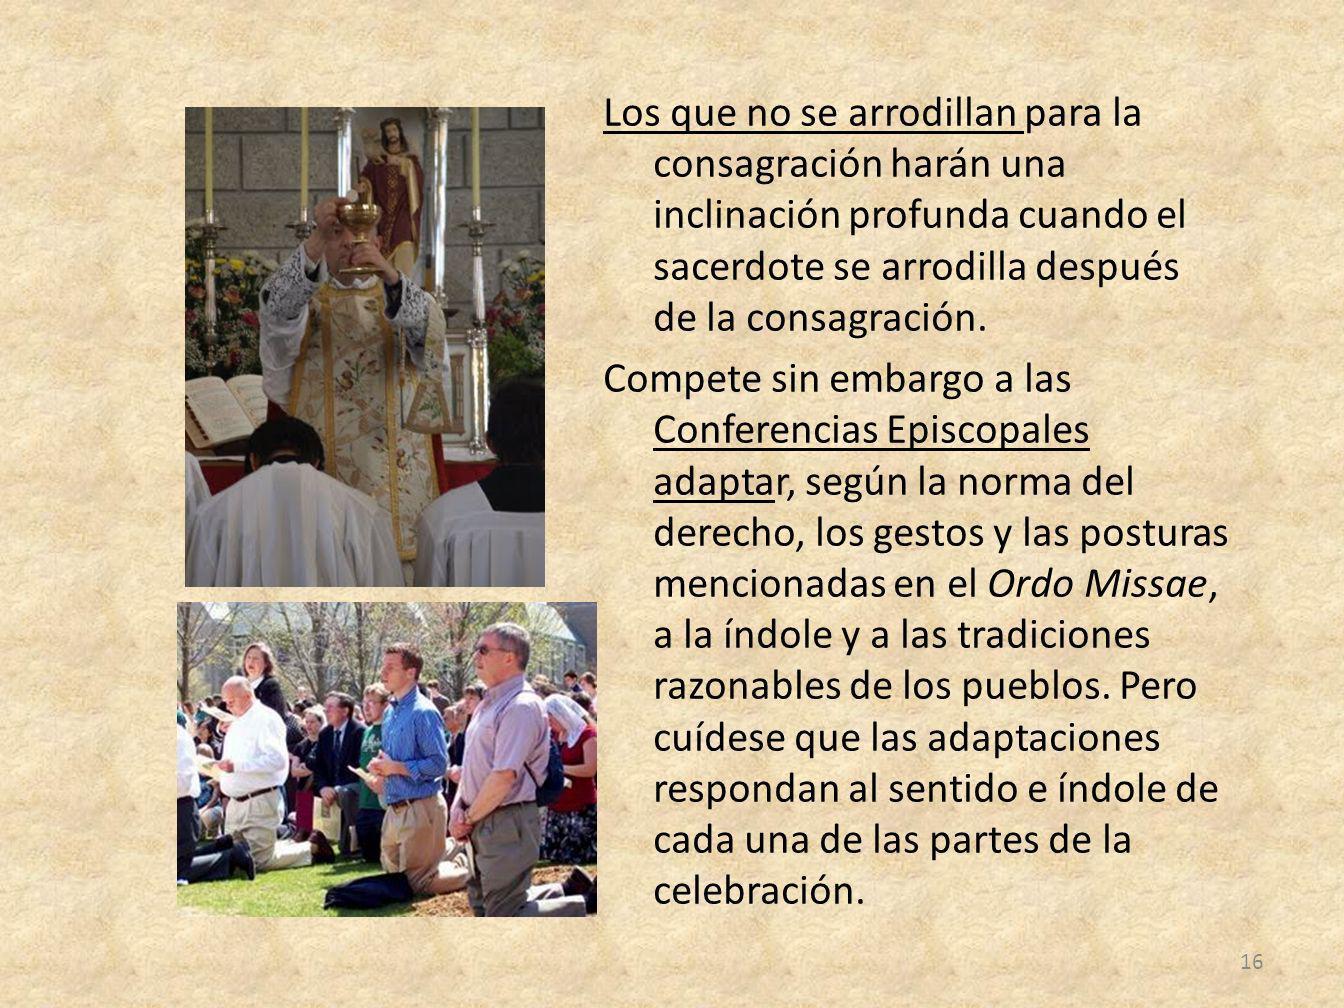 Los que no se arrodillan para la consagración harán una inclinación profunda cuando el sacerdote se arrodilla después de la consagración.